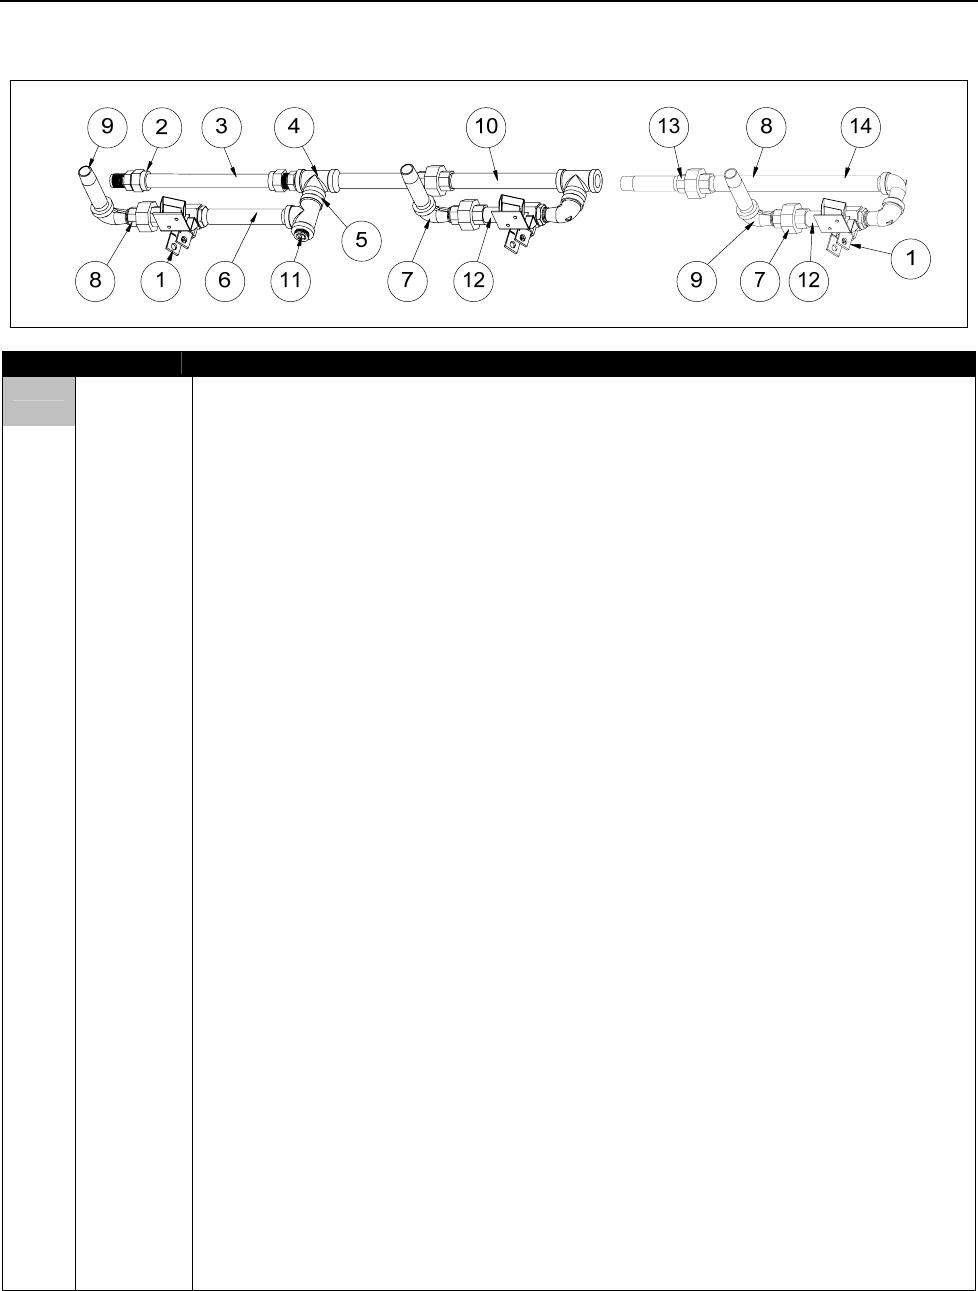 DEAN MILLIVOLT GAS FRYERS CHAPTER 2: PARTS LIST